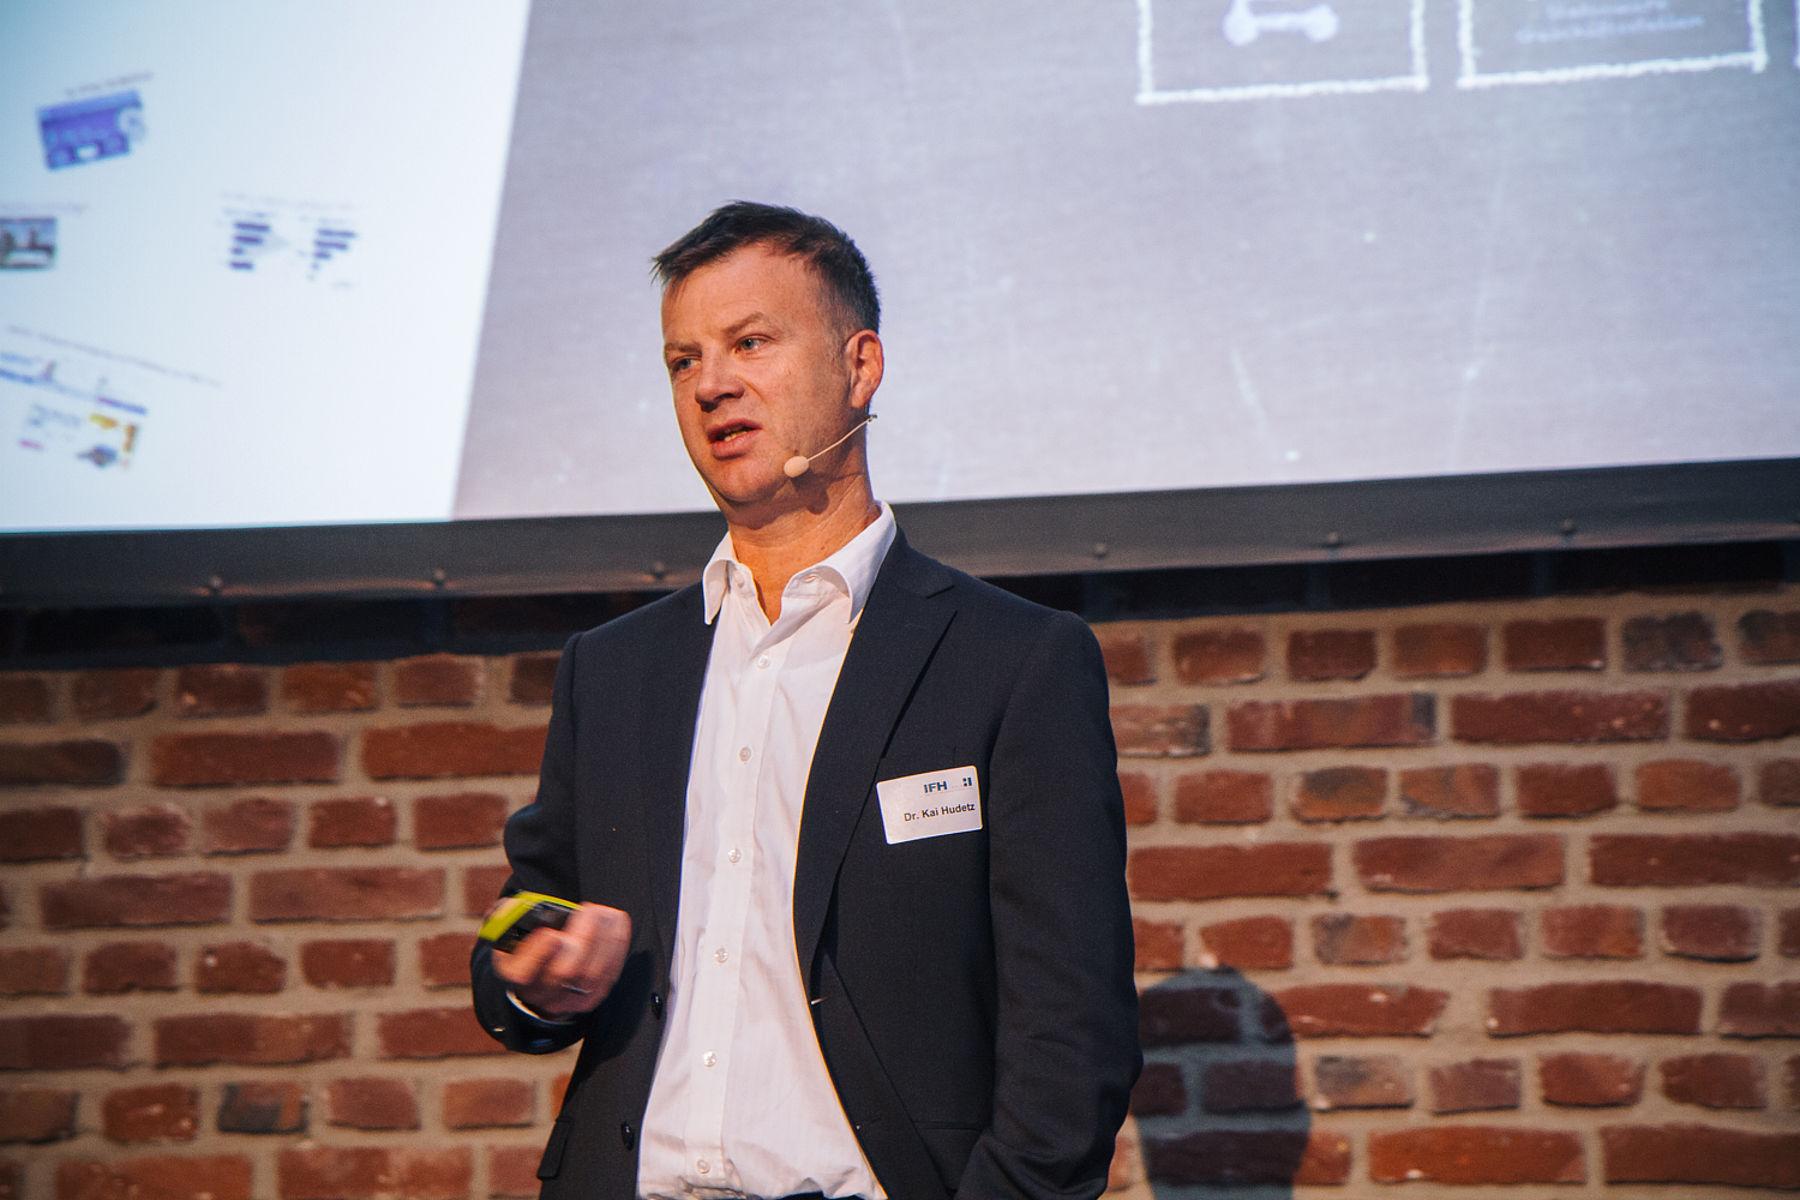 Kai hudetz Geschäftsführer | IFH Köln